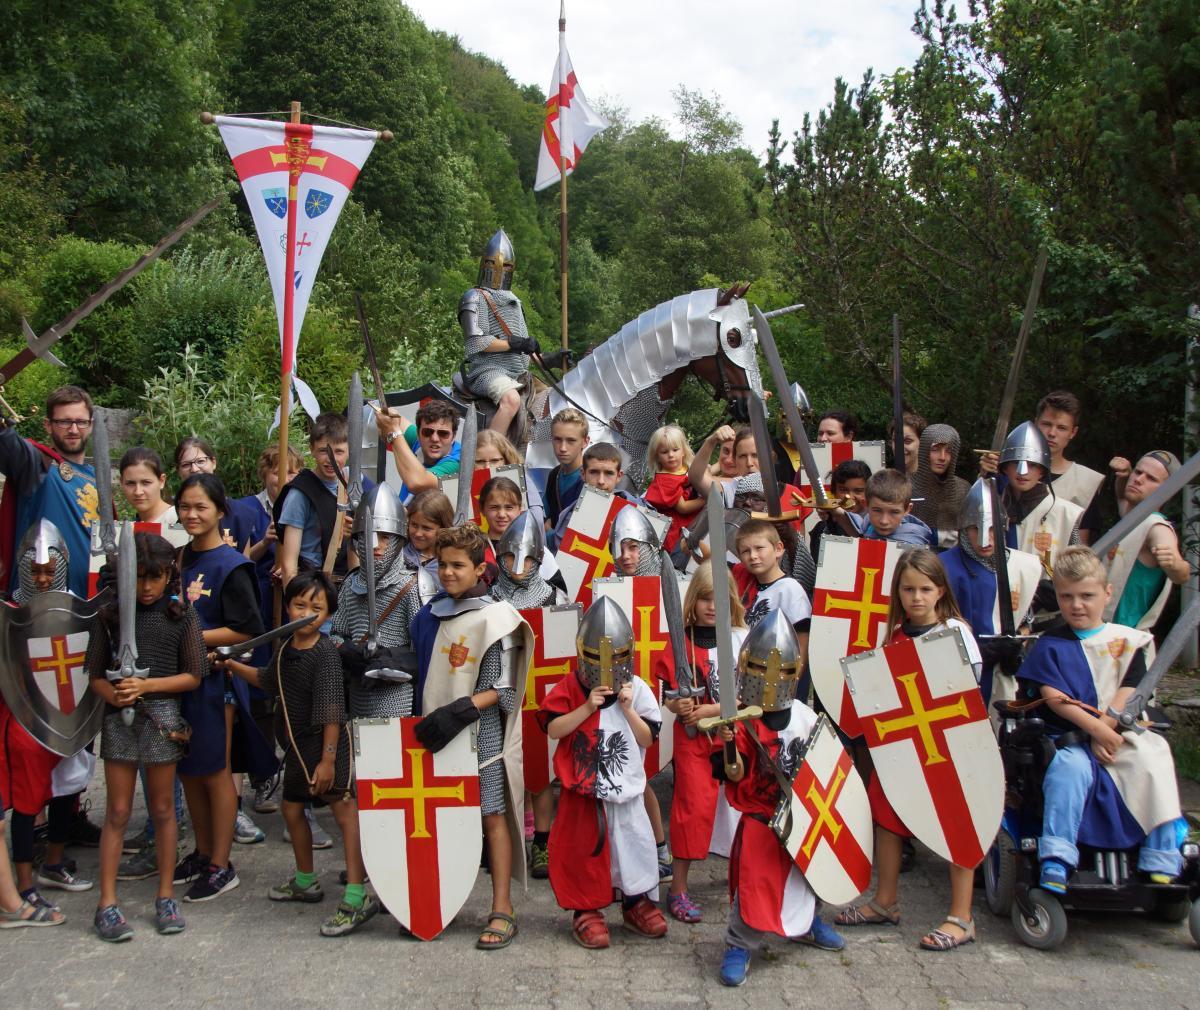 Im Sommerlager 2017 der Region Bern-Biel-Solothurn konnten die Sirs und Ladys eine Woche mit Spiel, Spass, Gesang und biblischer Botschaft erleben.